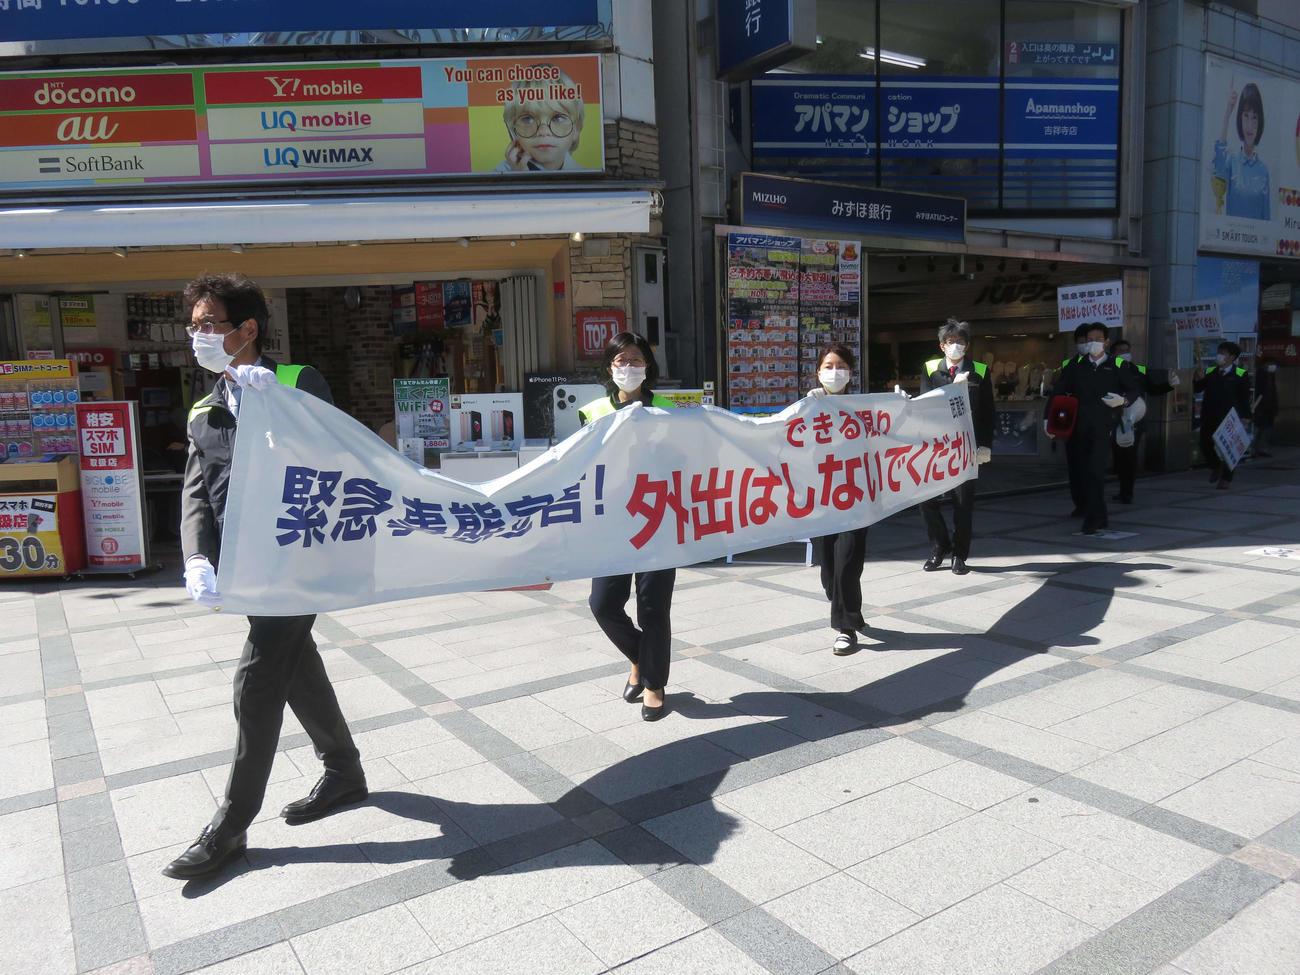 吉祥寺のアーケード街などで武蔵野市の職員らが外出自粛を求める横断幕を手に注意喚起した(撮影・大上悟)